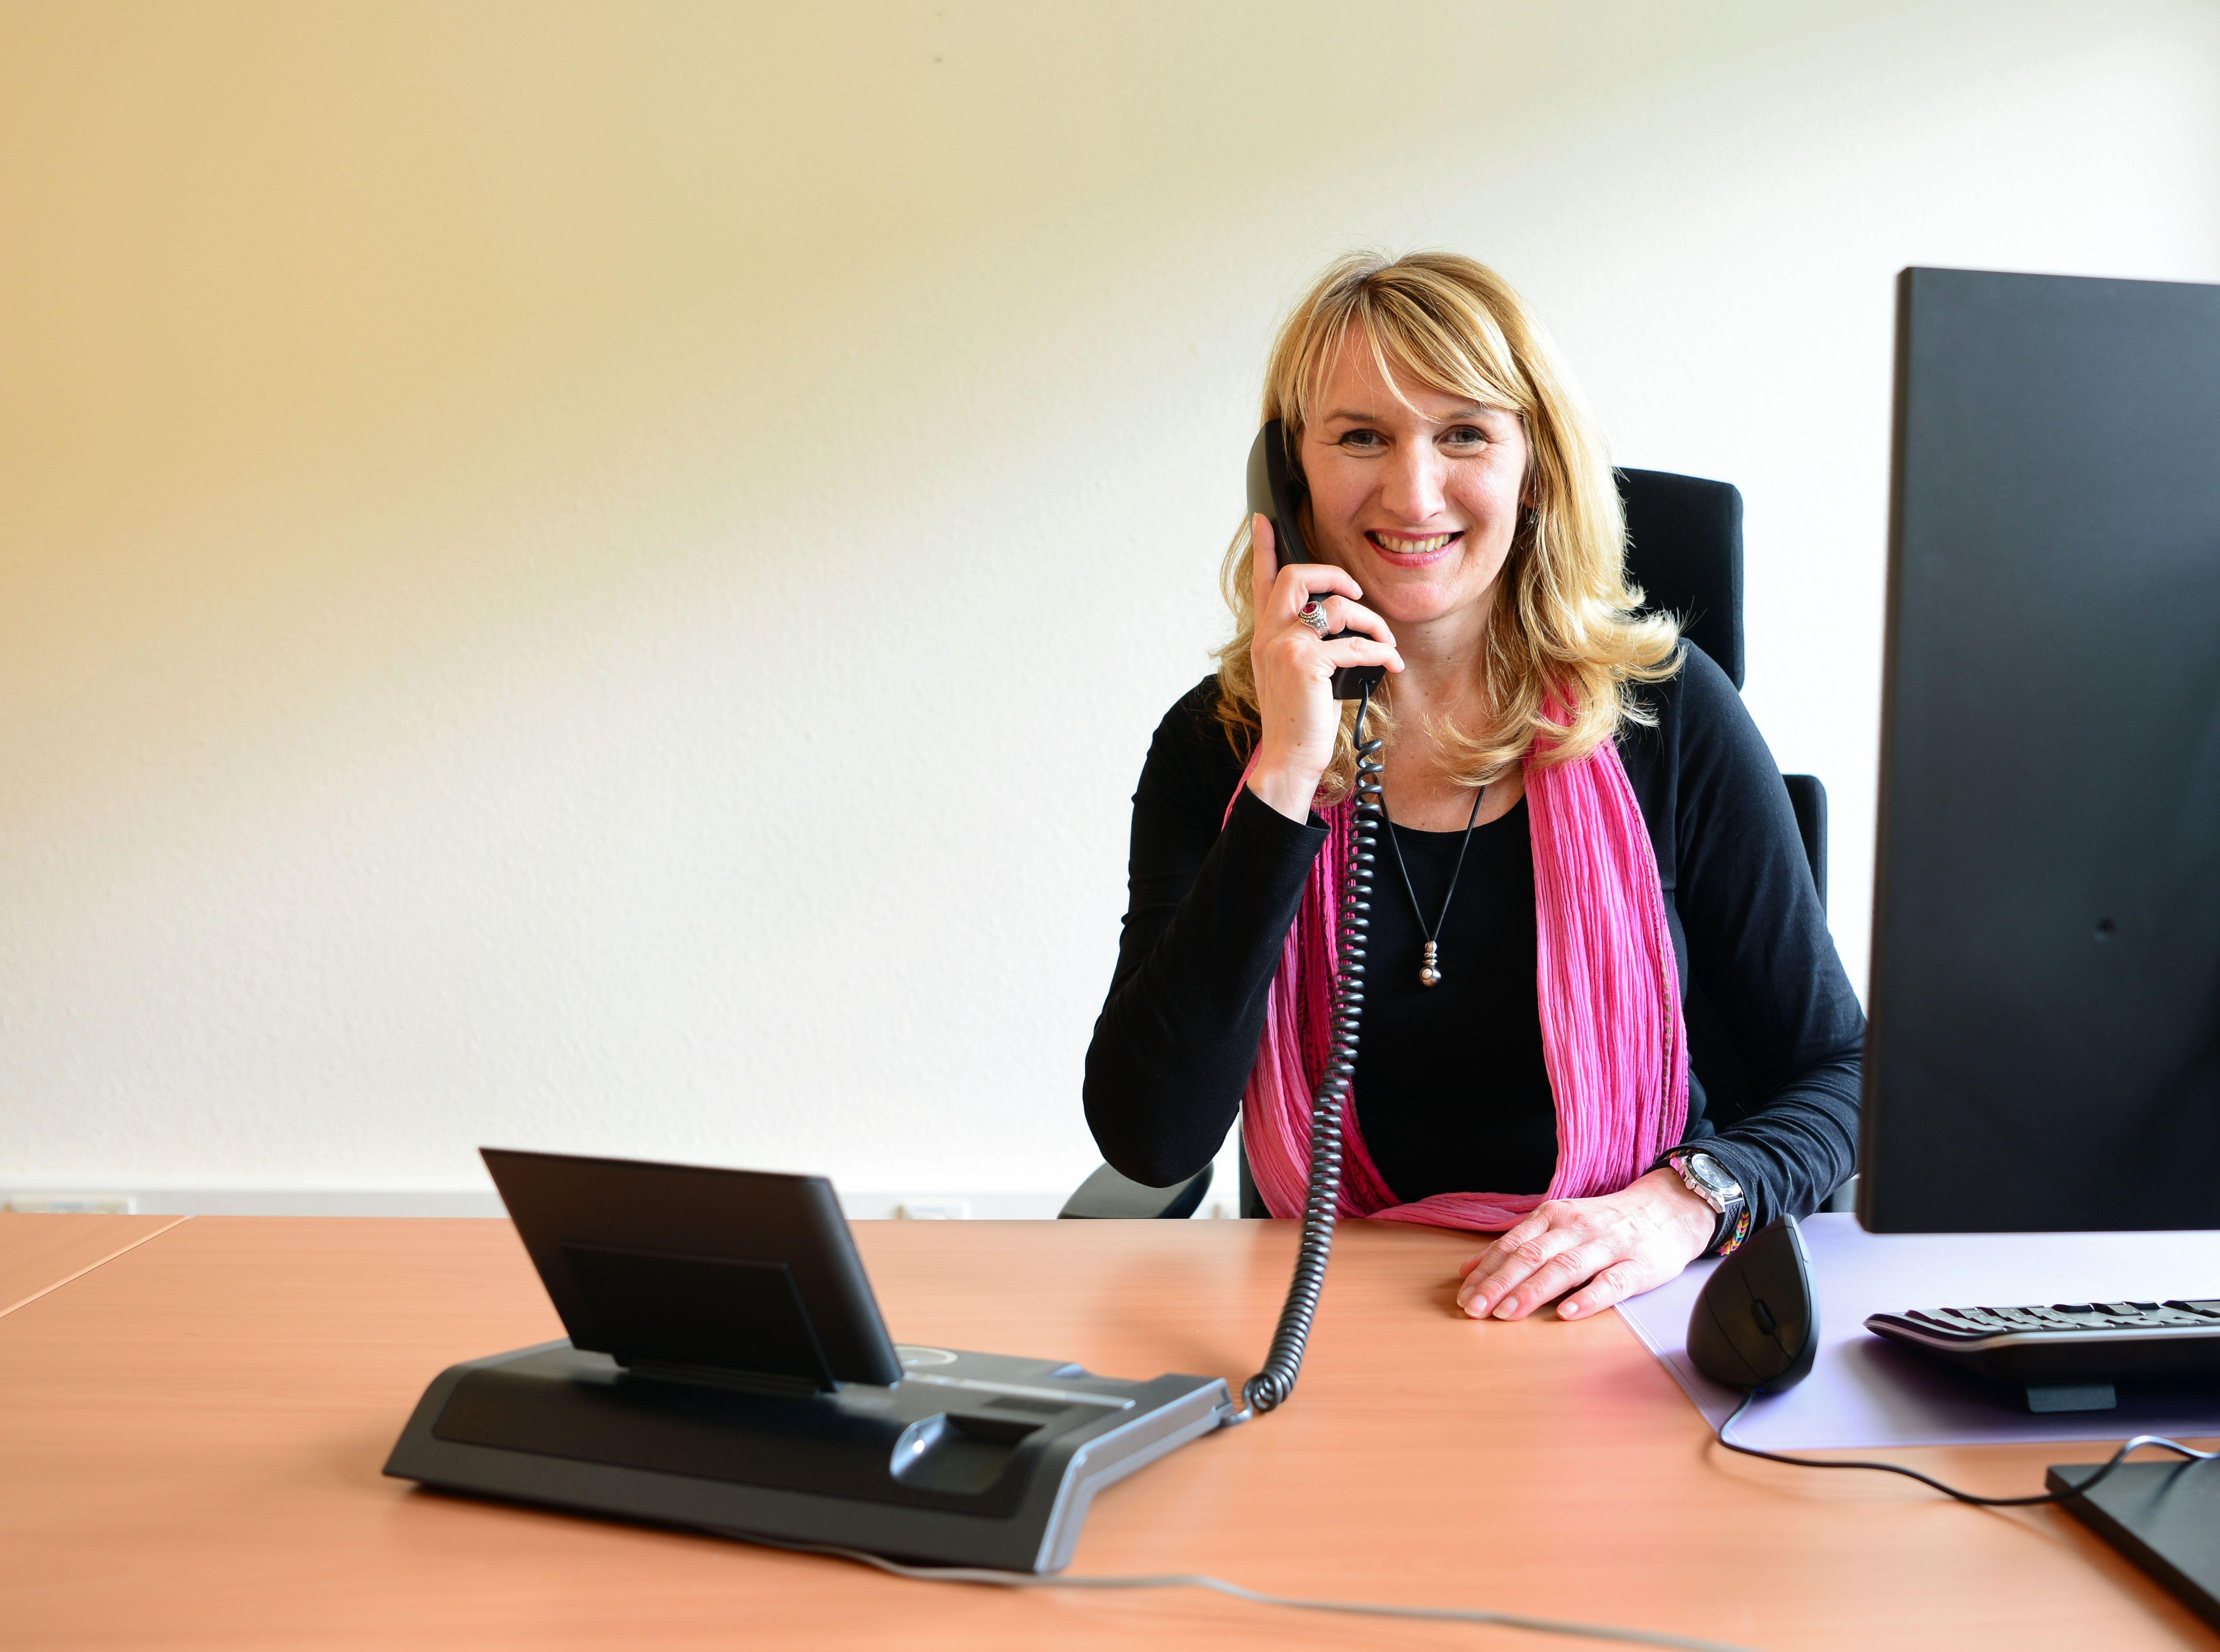 Sie Redet Von Sex Am Telefon